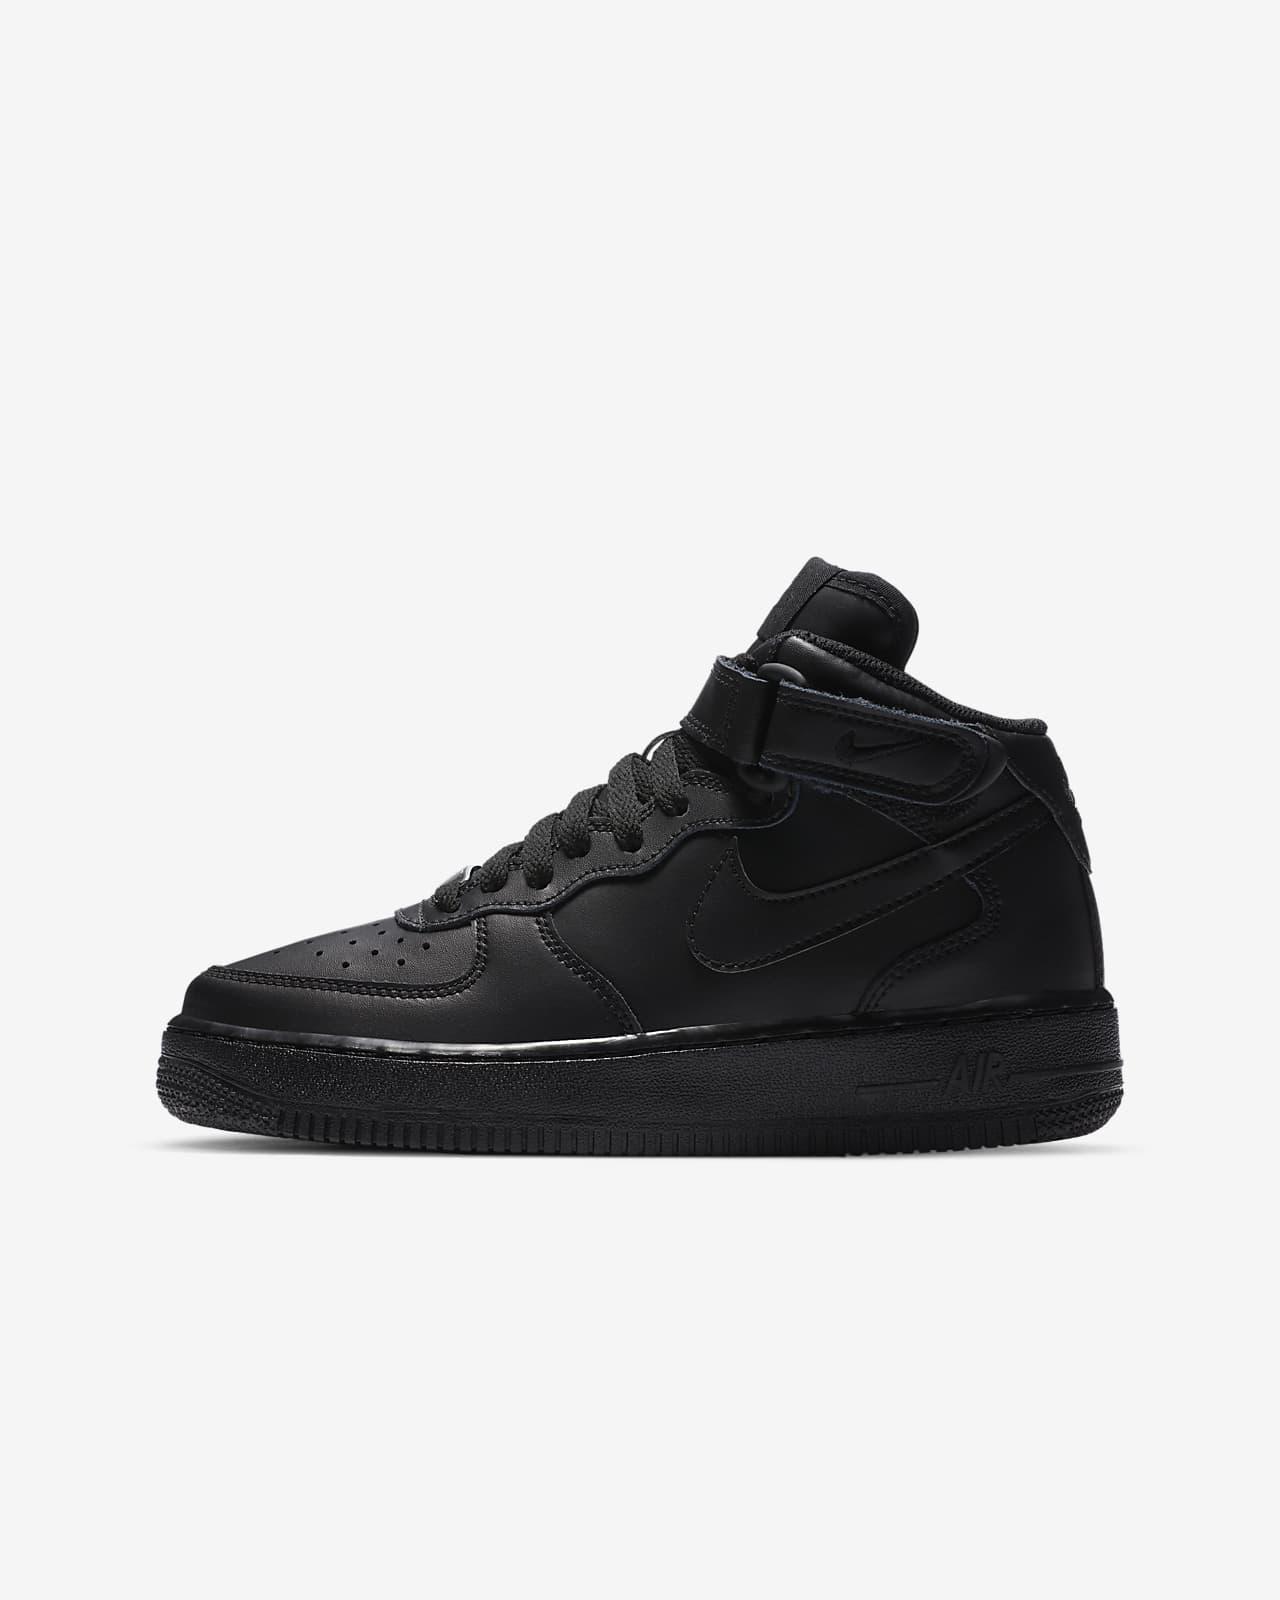 Nike Air Force 1 Mid Genç Çocuk Ayakkabısı